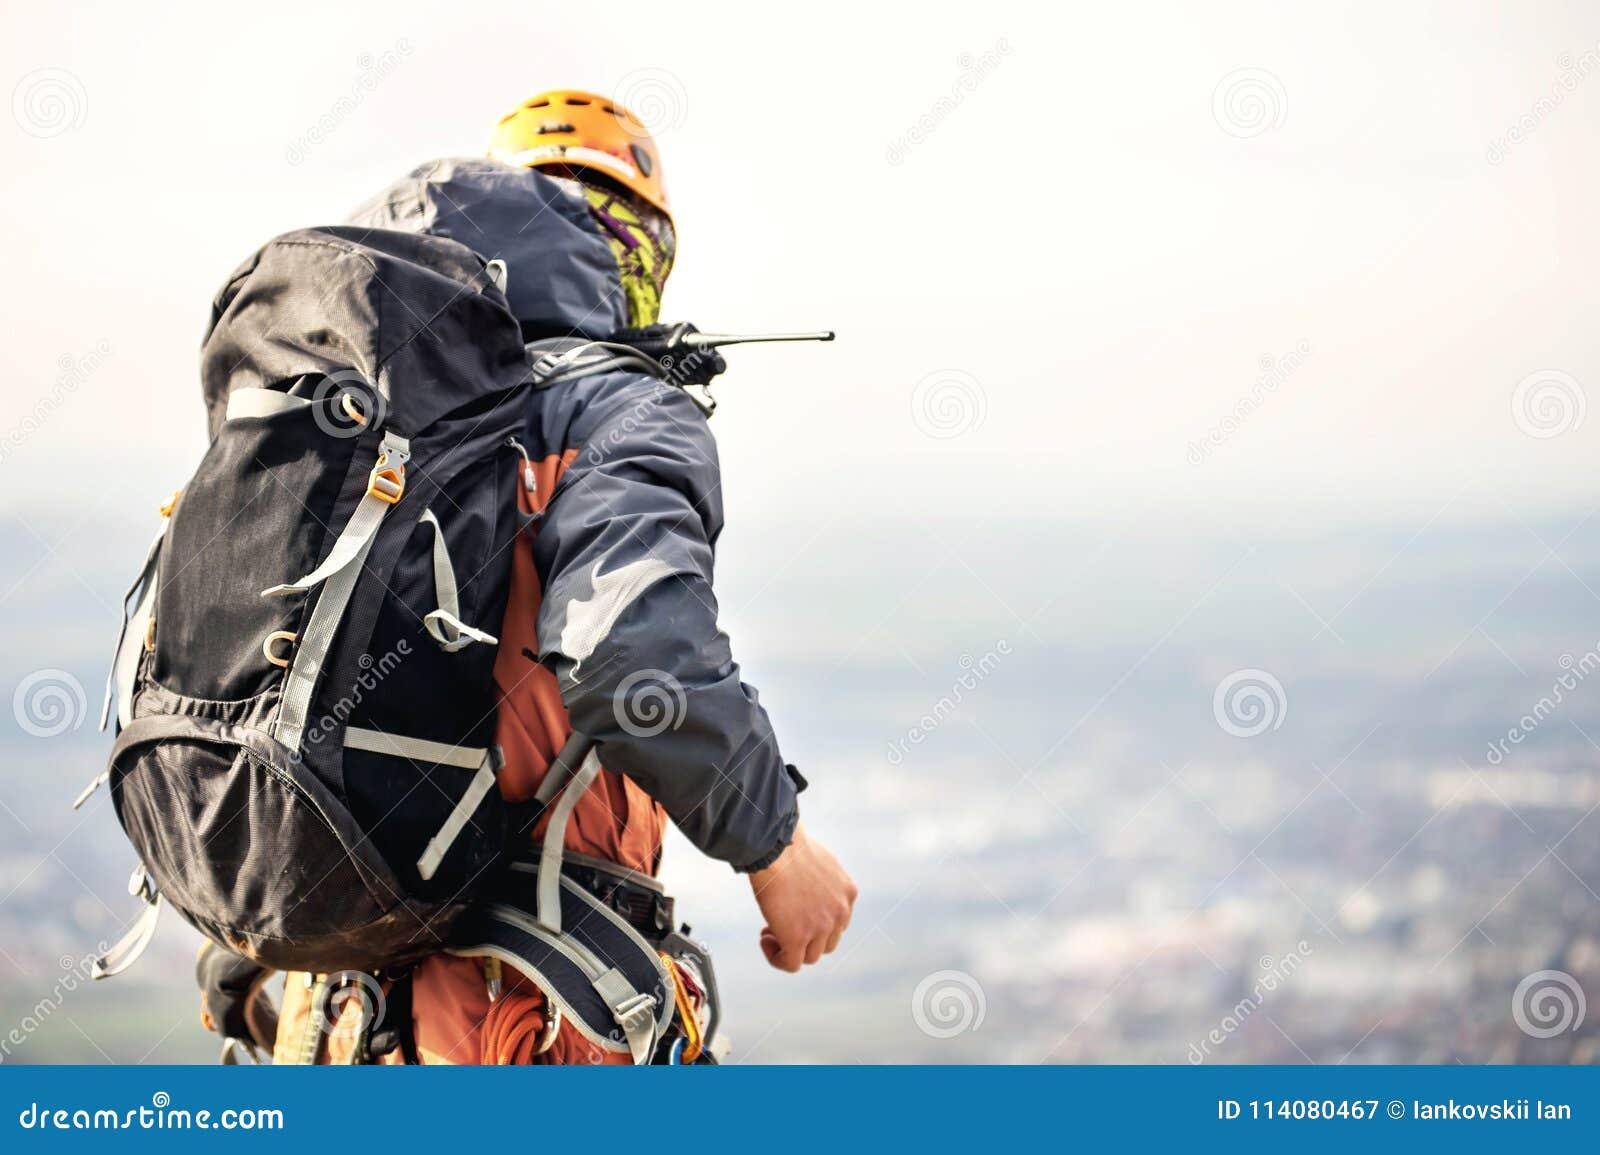 Nahaufnahme eines Bergsteigers von der Rückseite im Gang und mit einem Rucksack mit Ausrüstung auf dem Gurt, Stände auf einem Fel